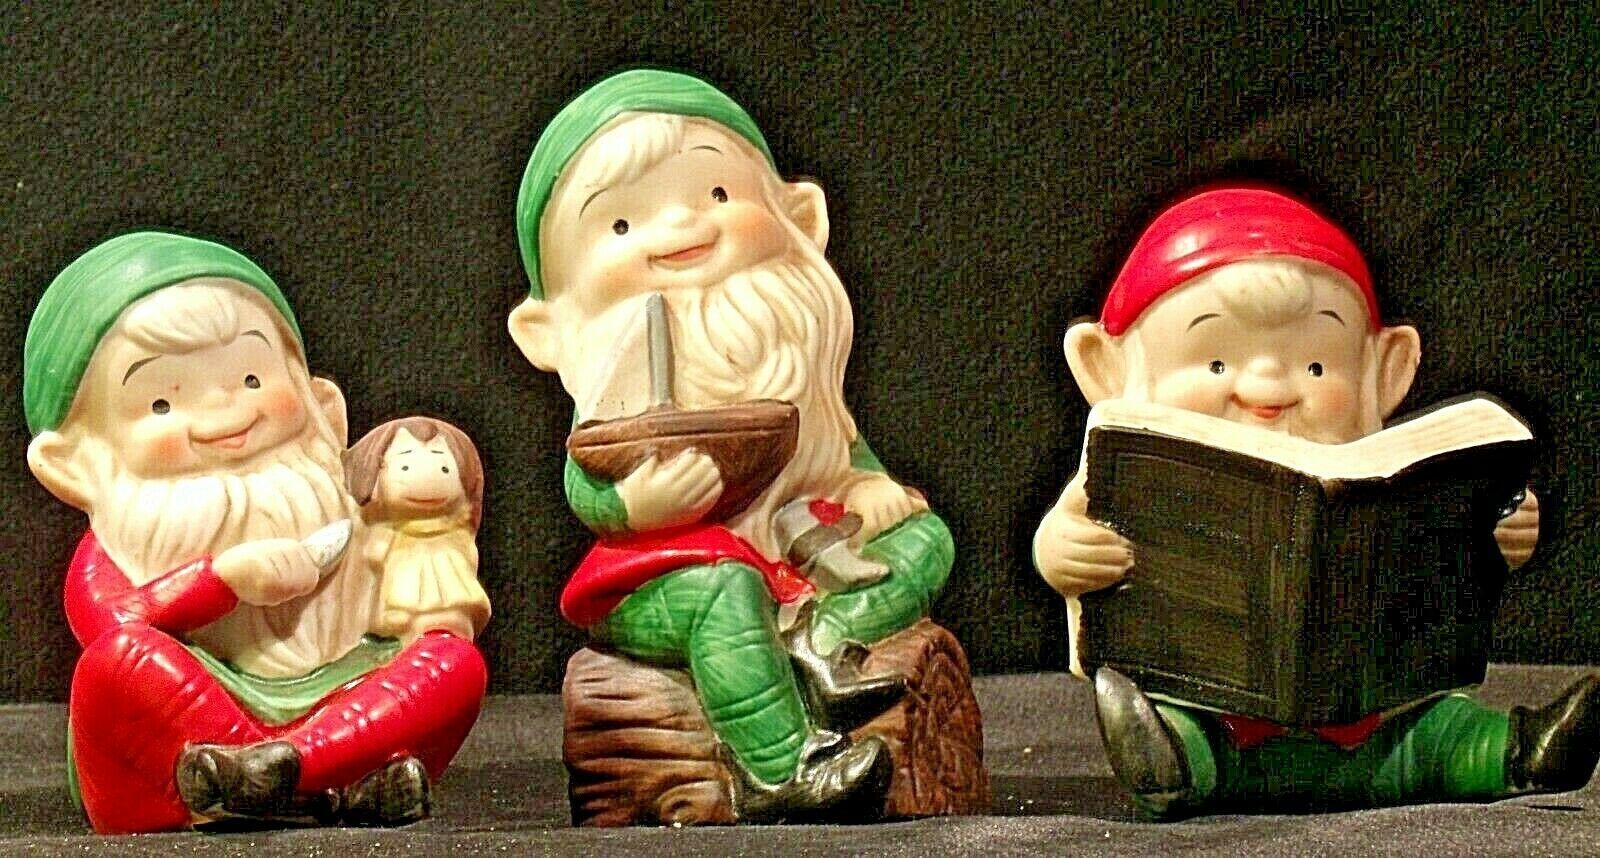 Holiday Elf Figurines AA-192053 Vintage Santa's helpers!